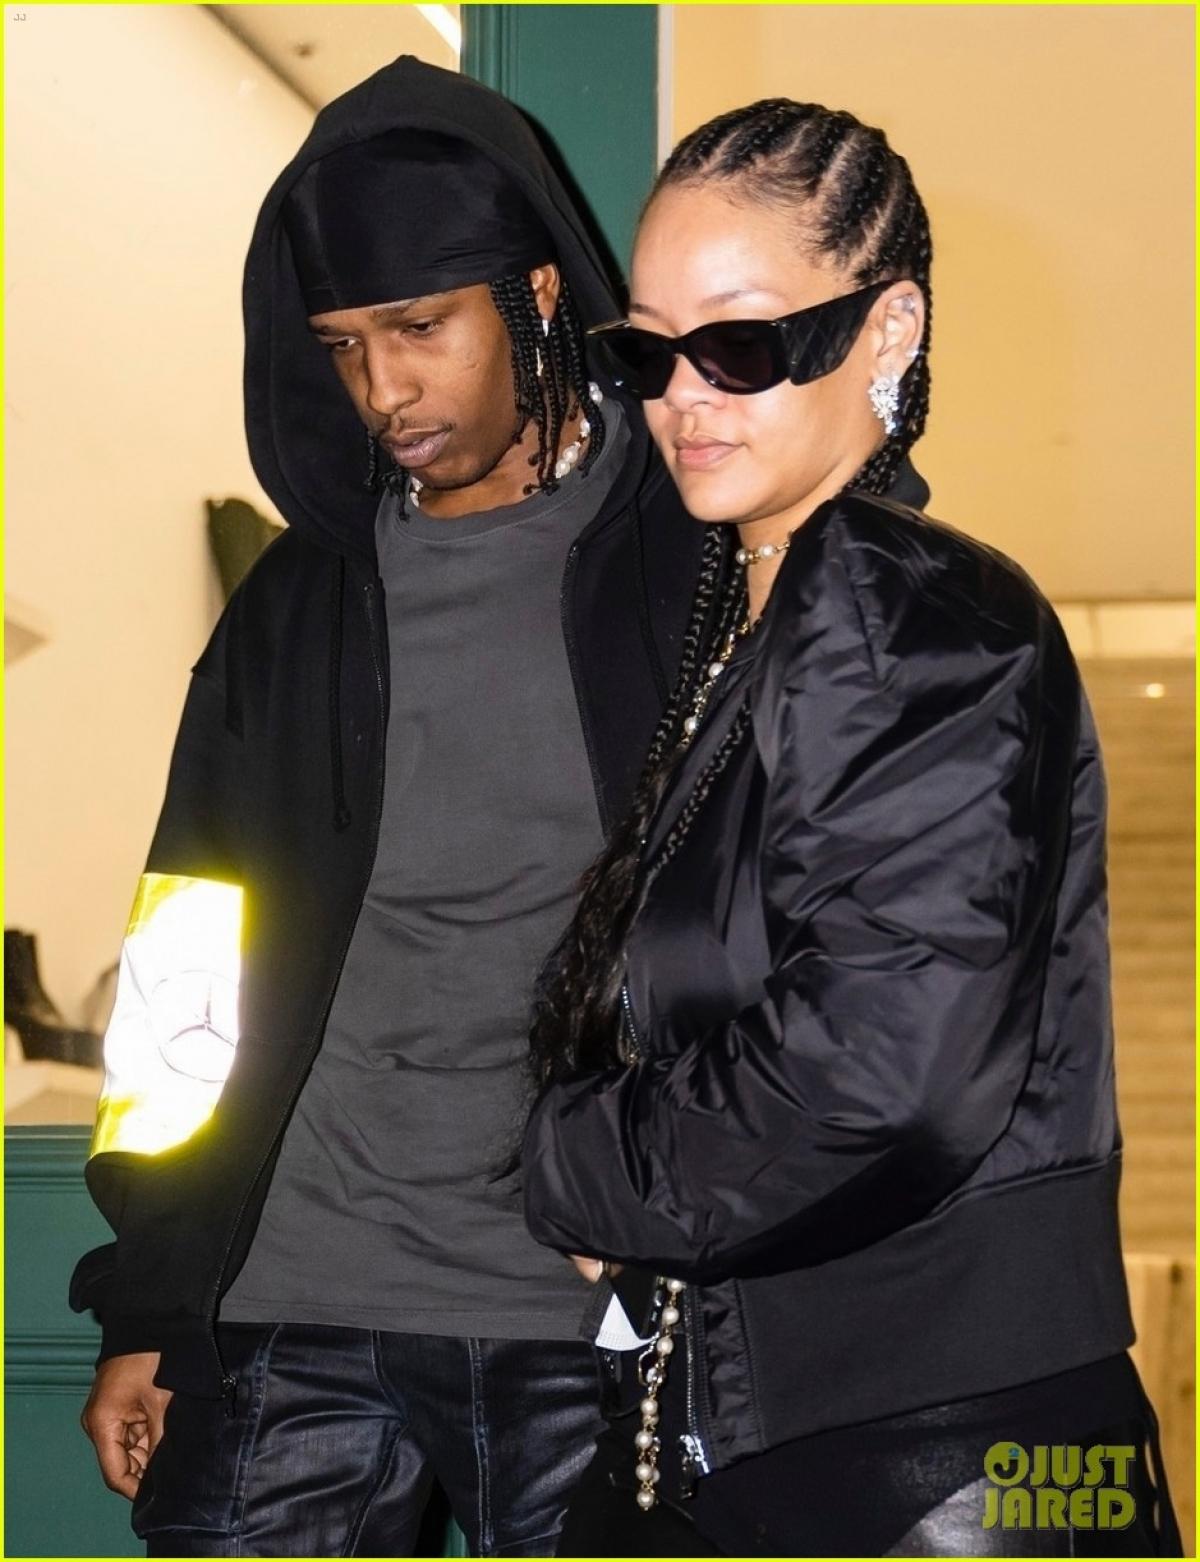 Mới đây, Rihanna và A $ AP Rocky được nhìn thấy đi mua sắm tại cửa hàng Rick Owens ở New York.